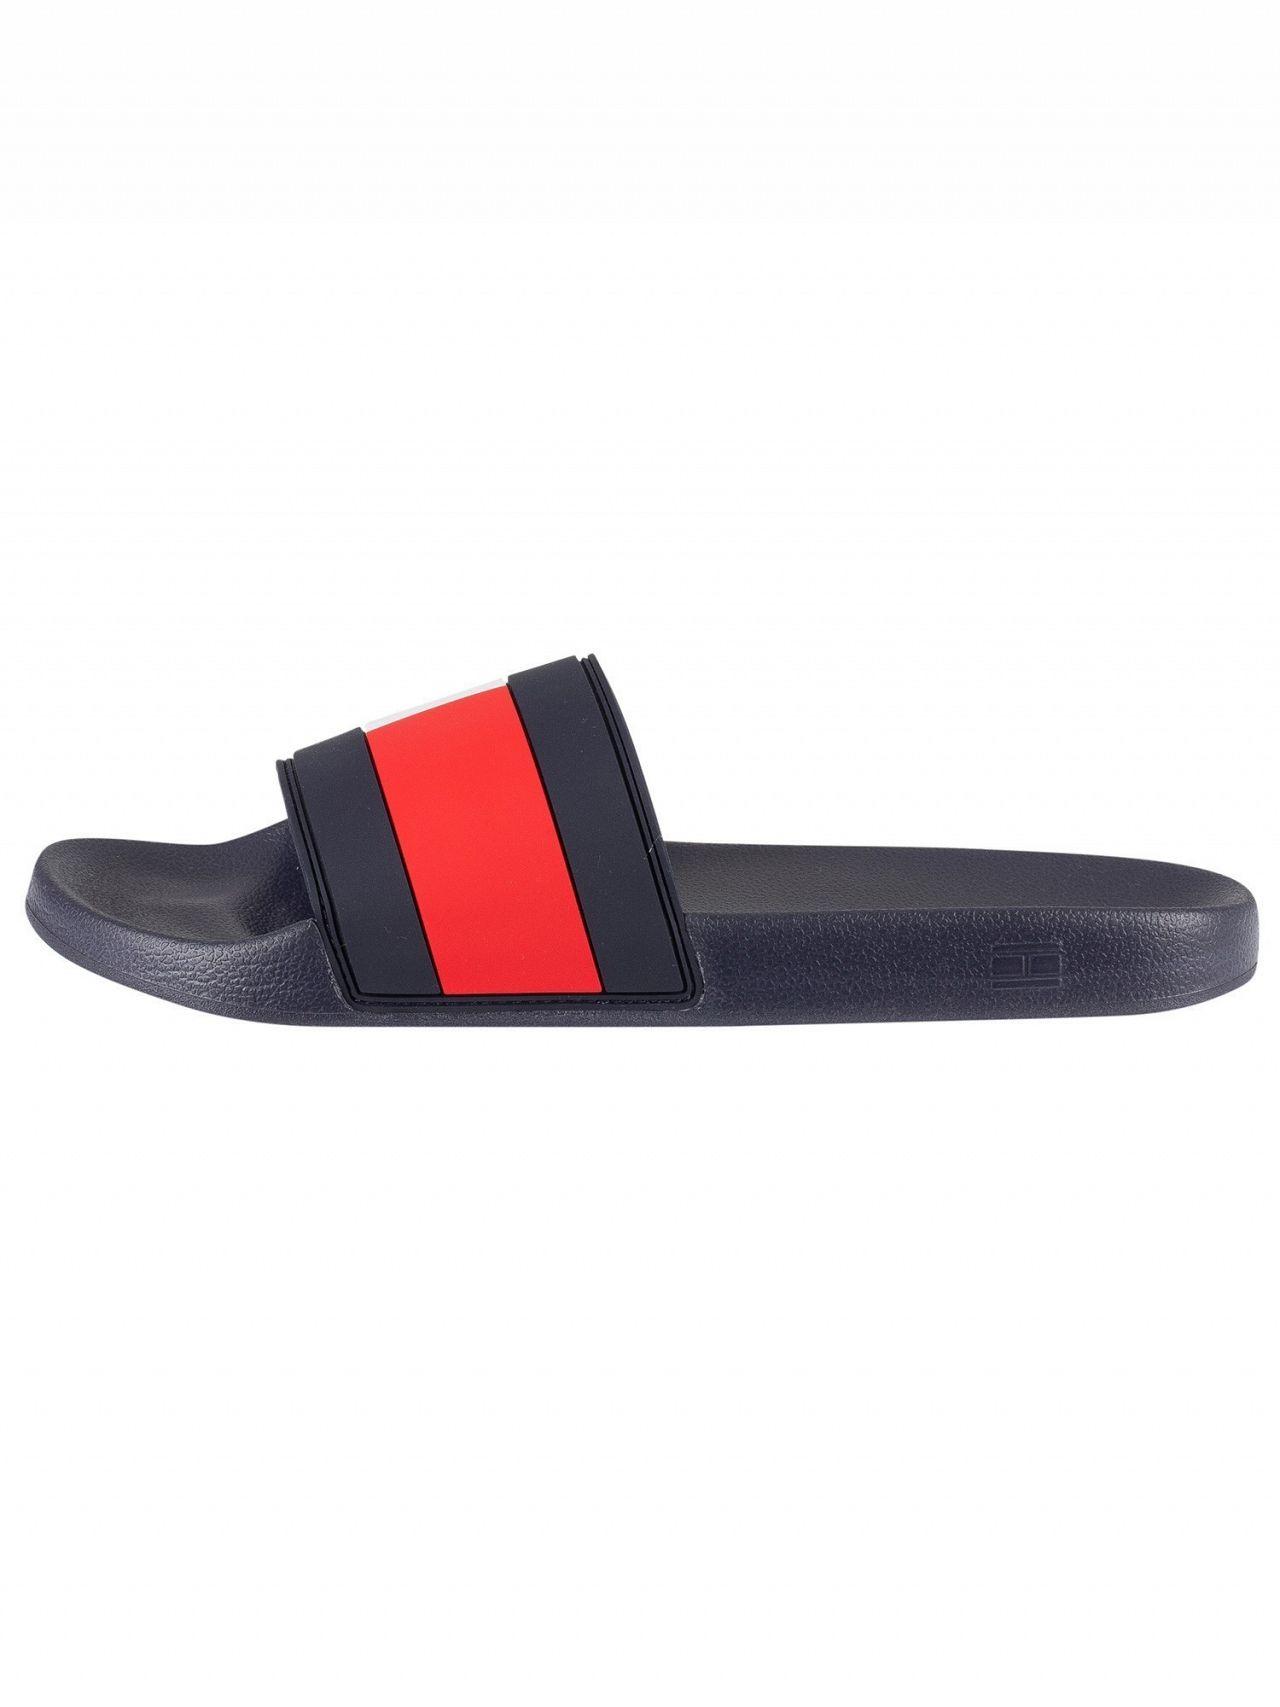 bb7b1476894b Tommy Hilfiger Red White Blue Essential Flag Pool Sliders